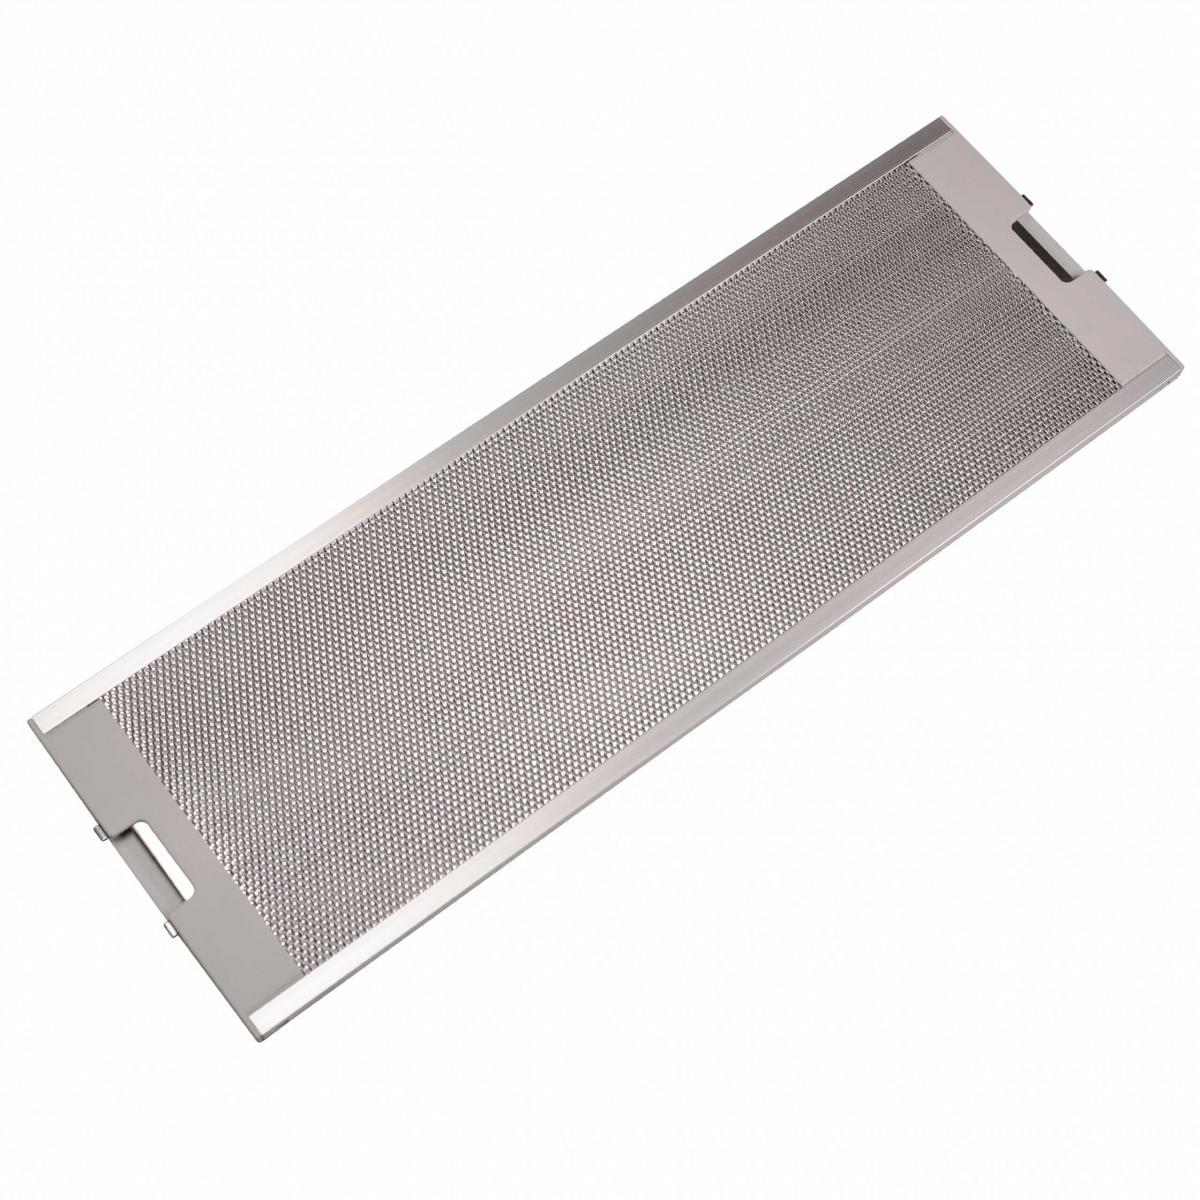 Vhbw vhbw Filtre Permanent Filtre à Graisse Métallique compatible avec Imperial DMA 64/2 EL, DMA 64/2 EL EX Hottes de Cuisini